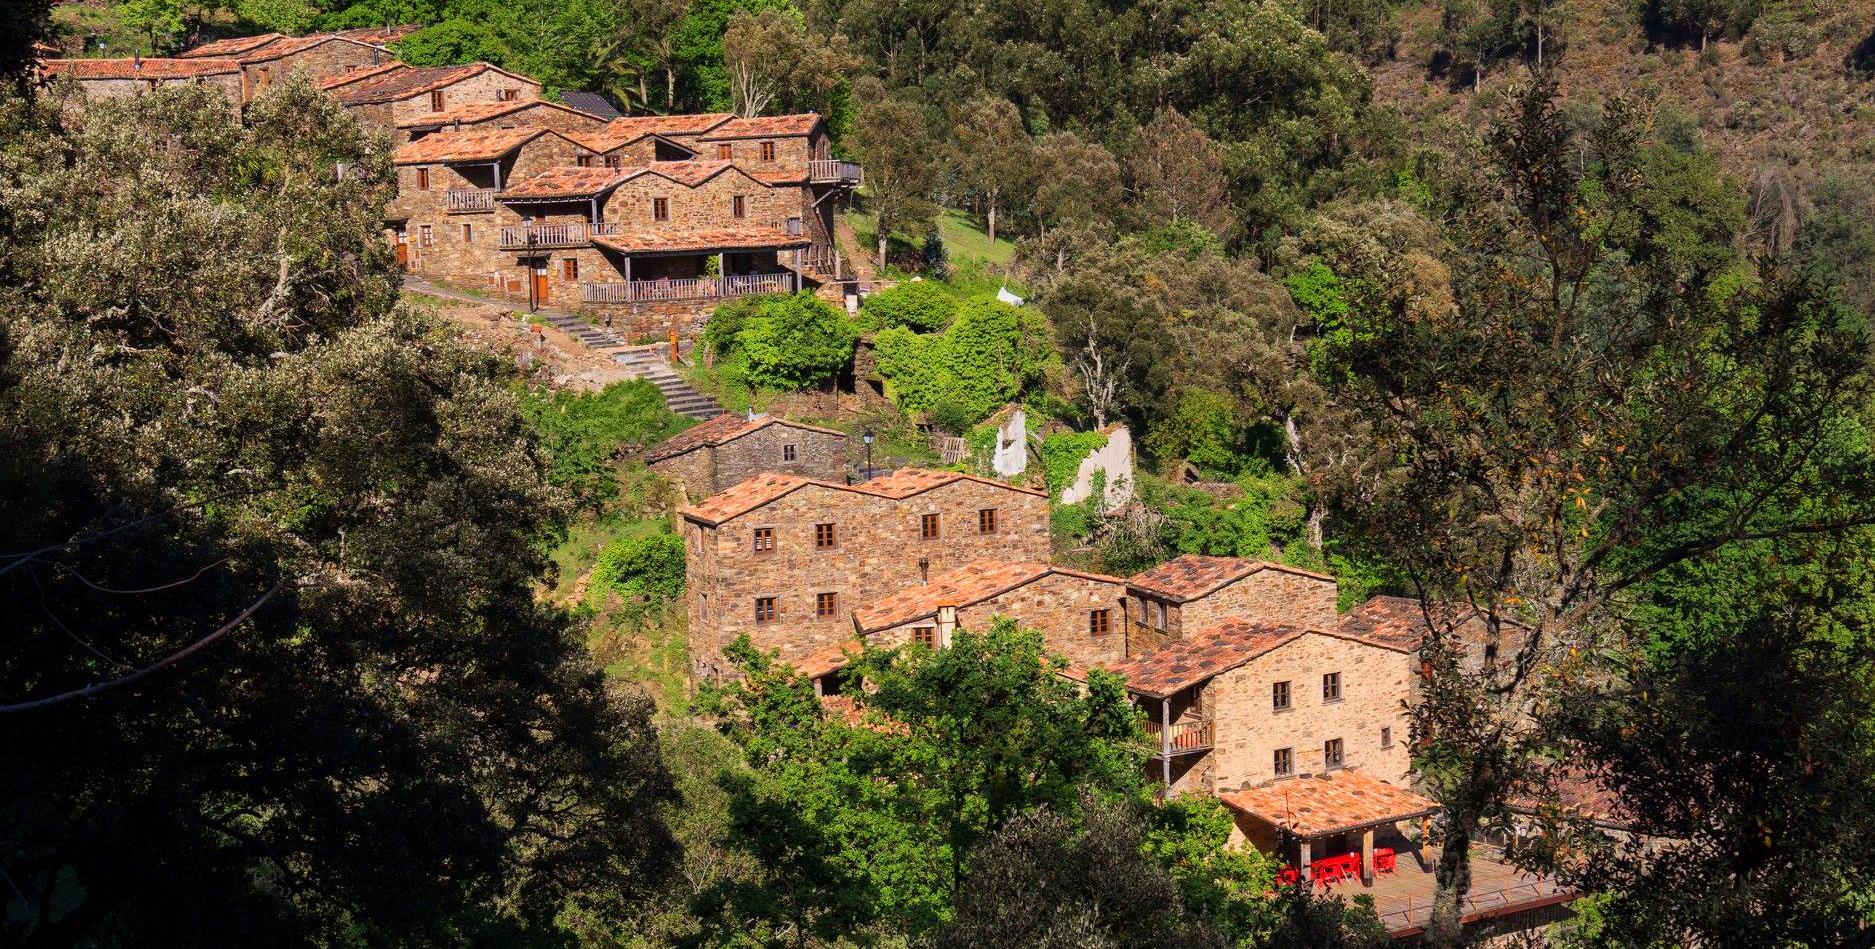 Cerdeira - Home for Creativity